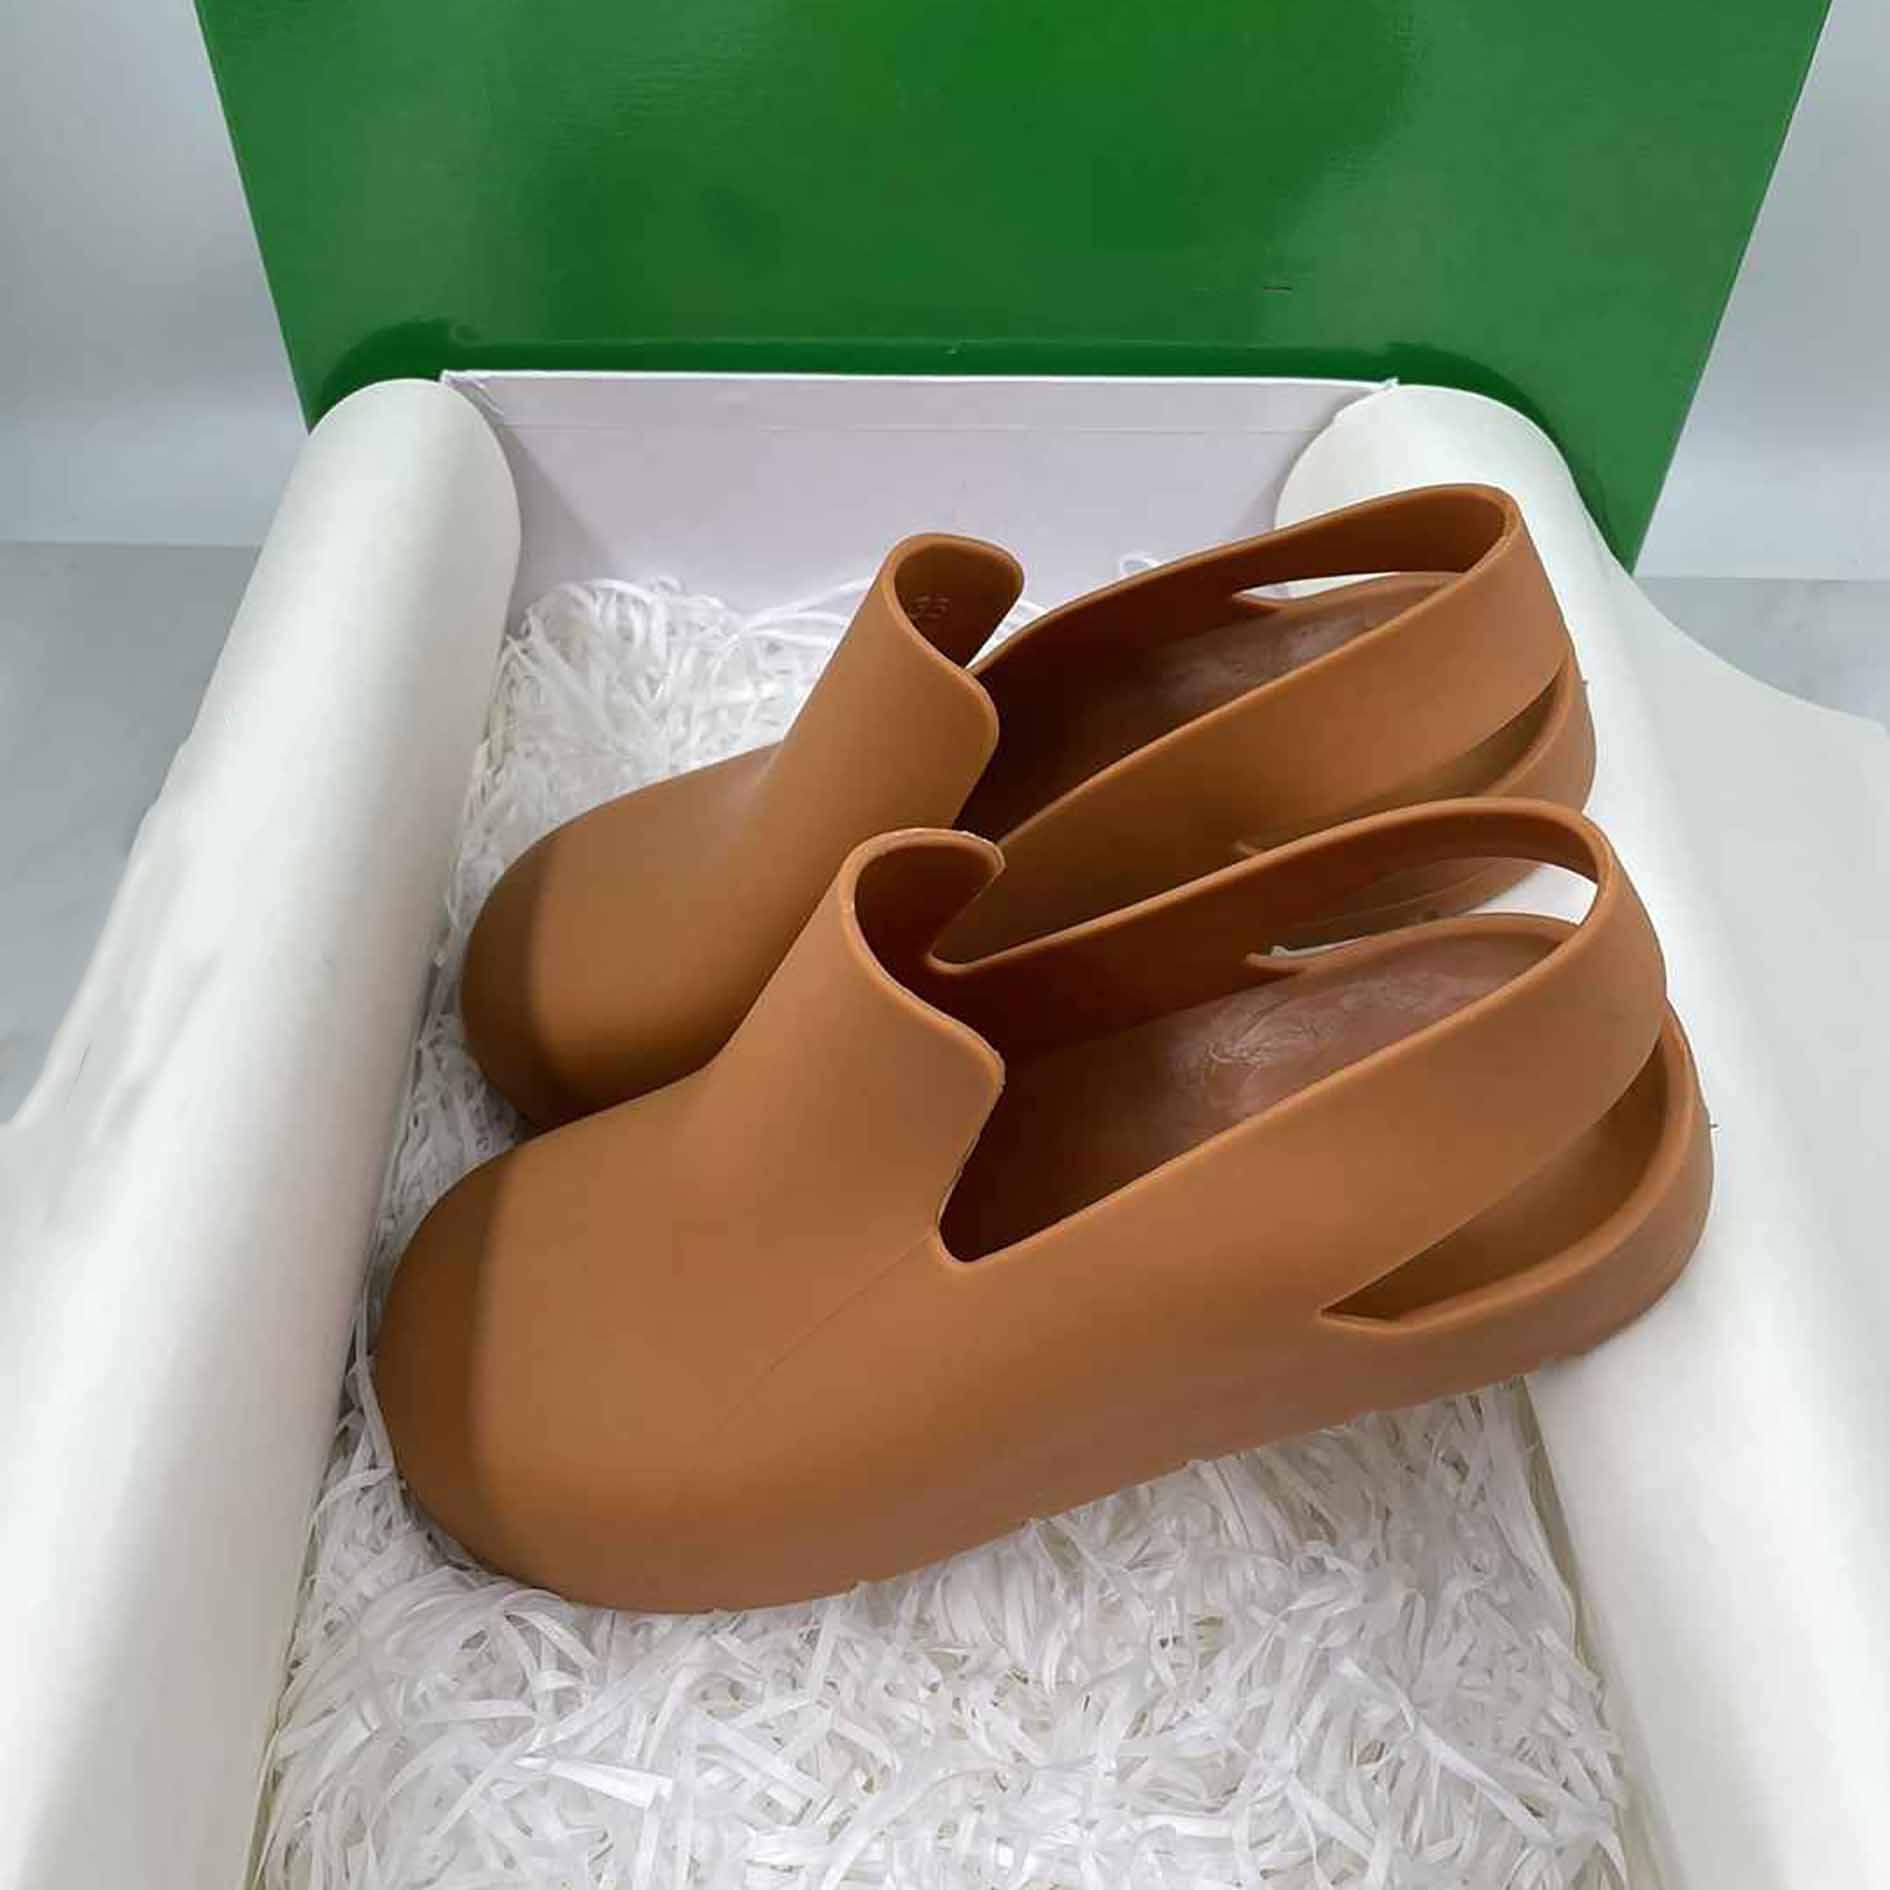 Diseñador de caucho Sandalia Sandalia Floral Brocade Hombre Deslizador Gear Bottoms Flip Flozs Mujer Playa Causal Slipper con caja us4-9